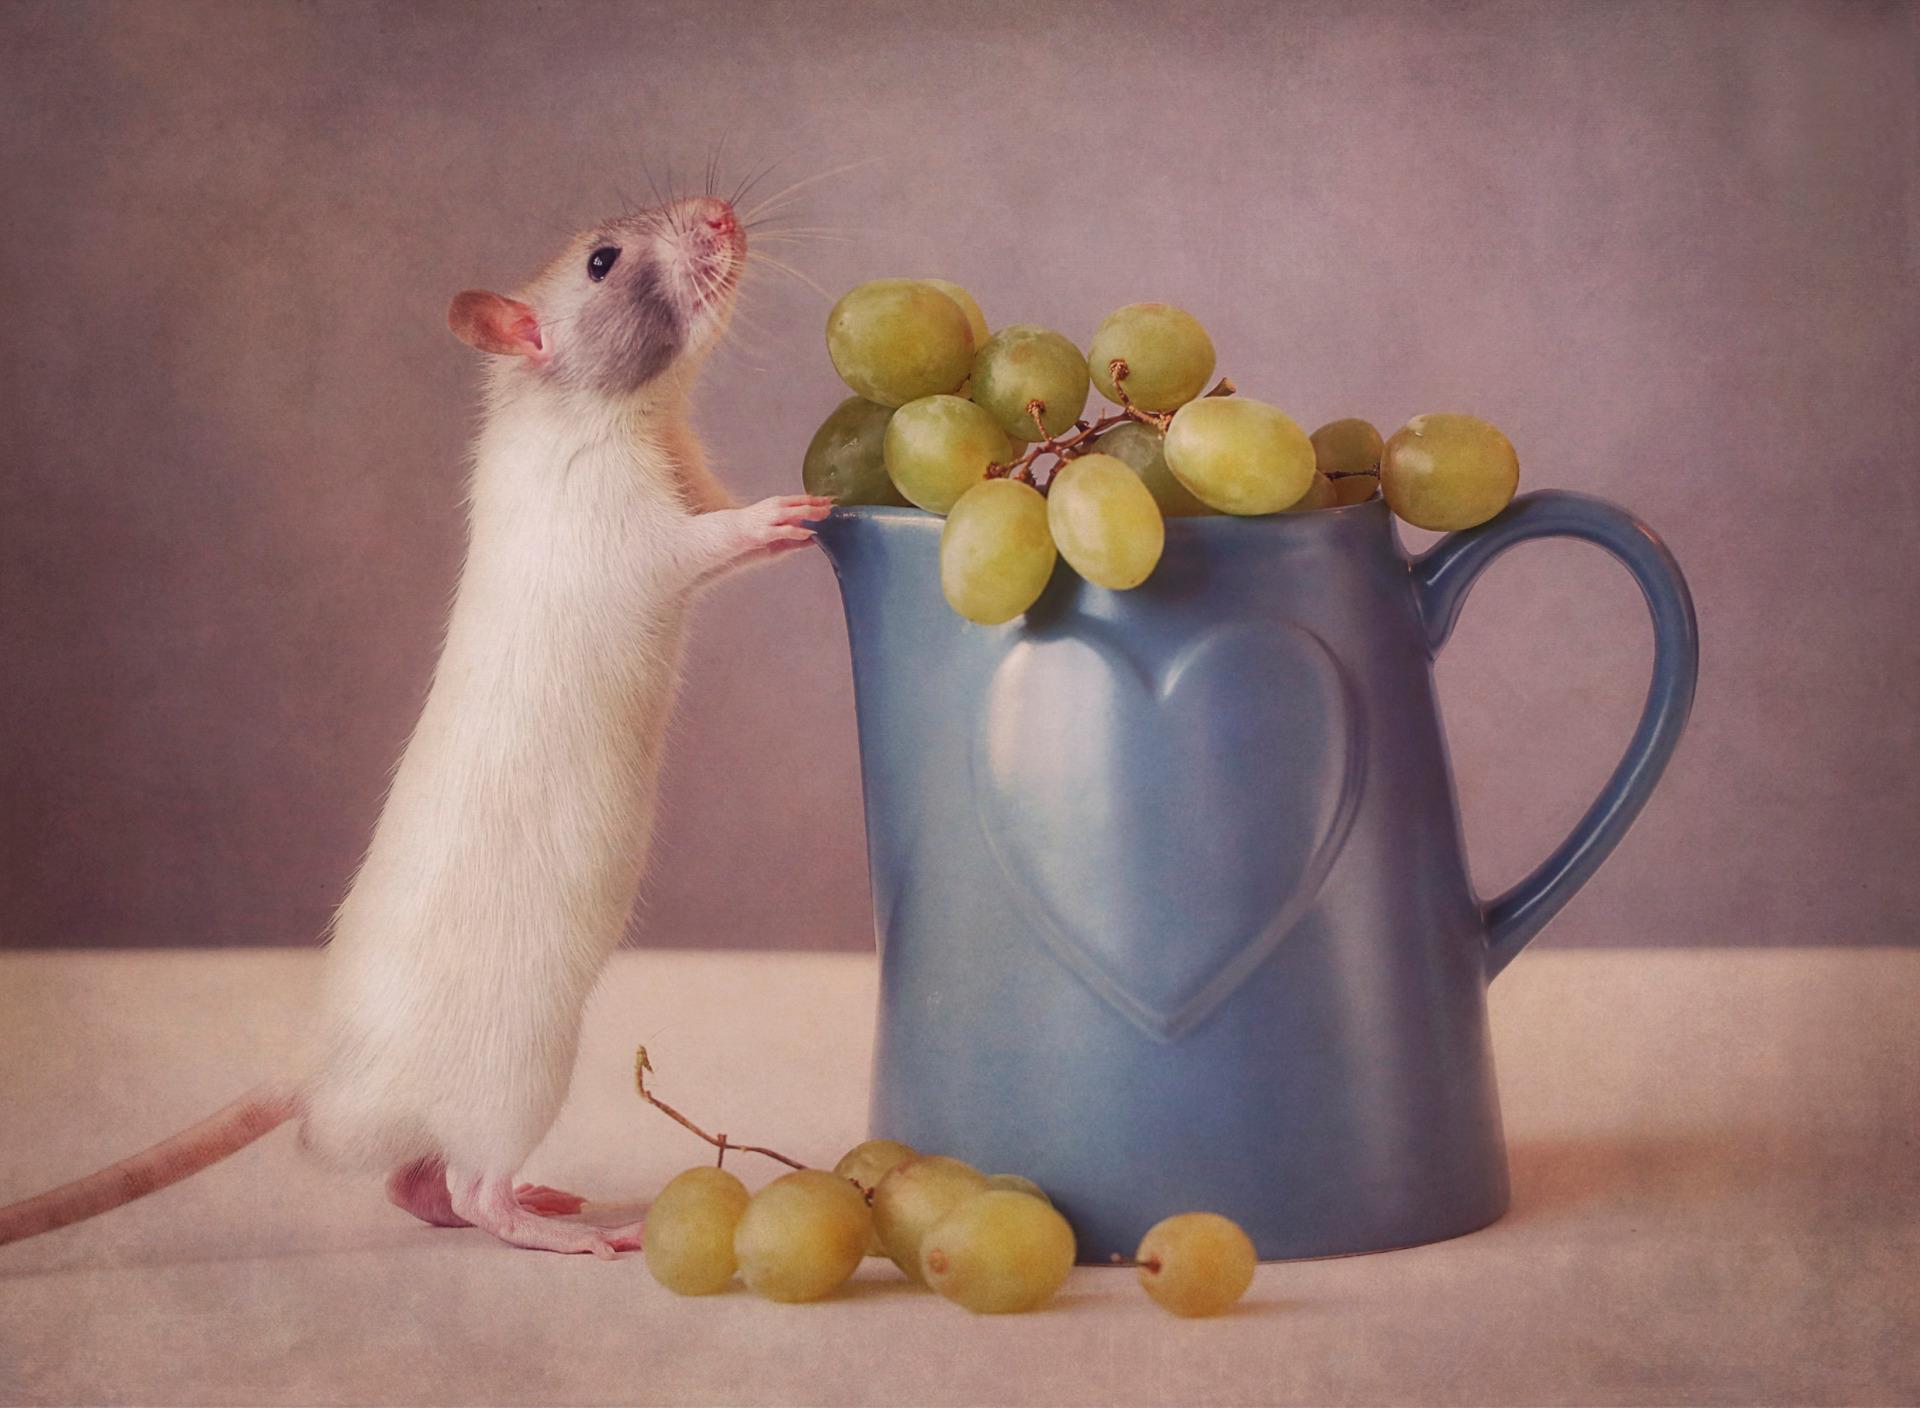 Смешные картинки с мышатами, смешные